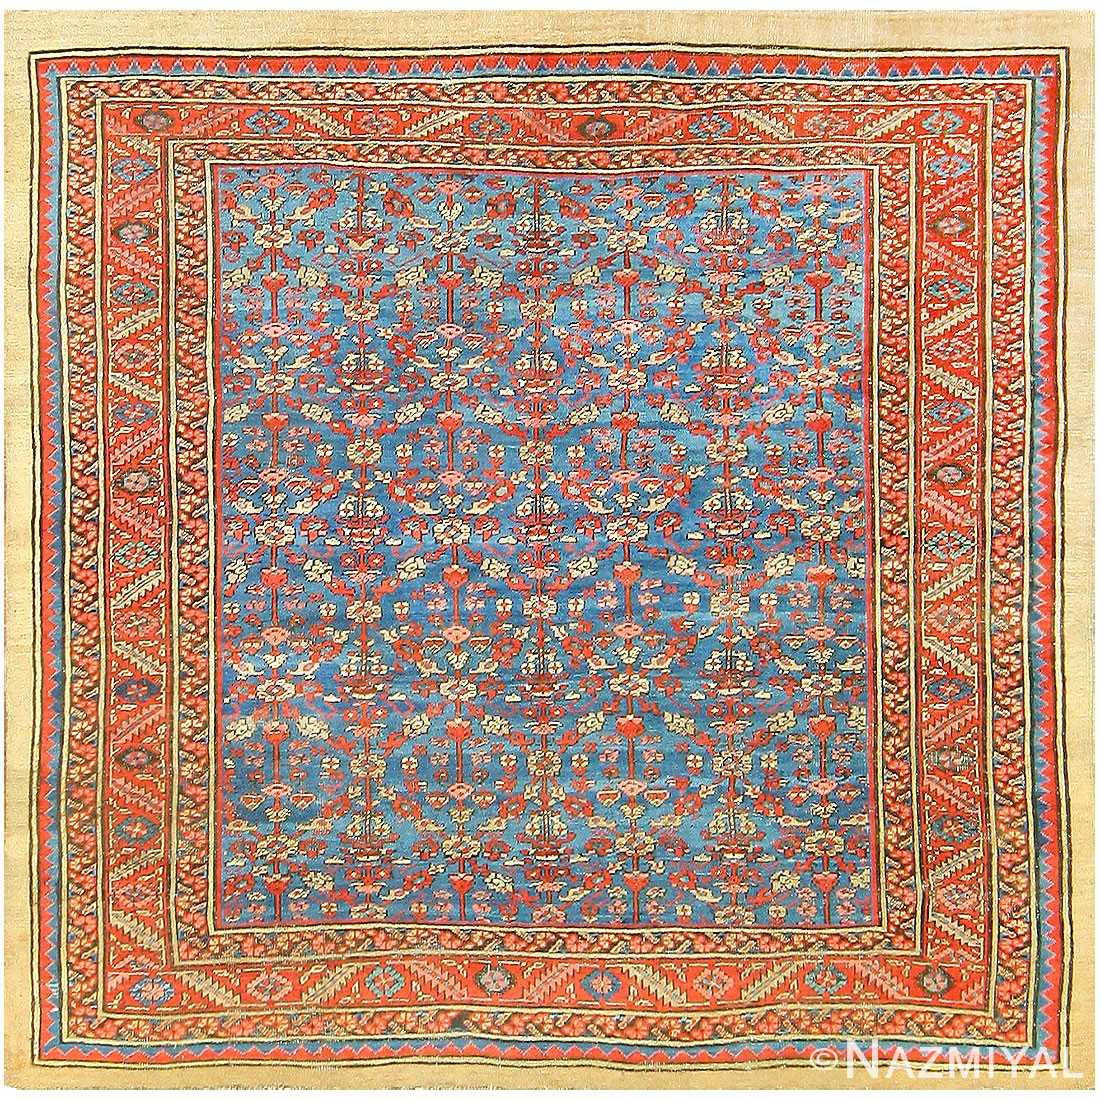 Antique Persian Bakshaish Carpet 48246 Detail/Large View